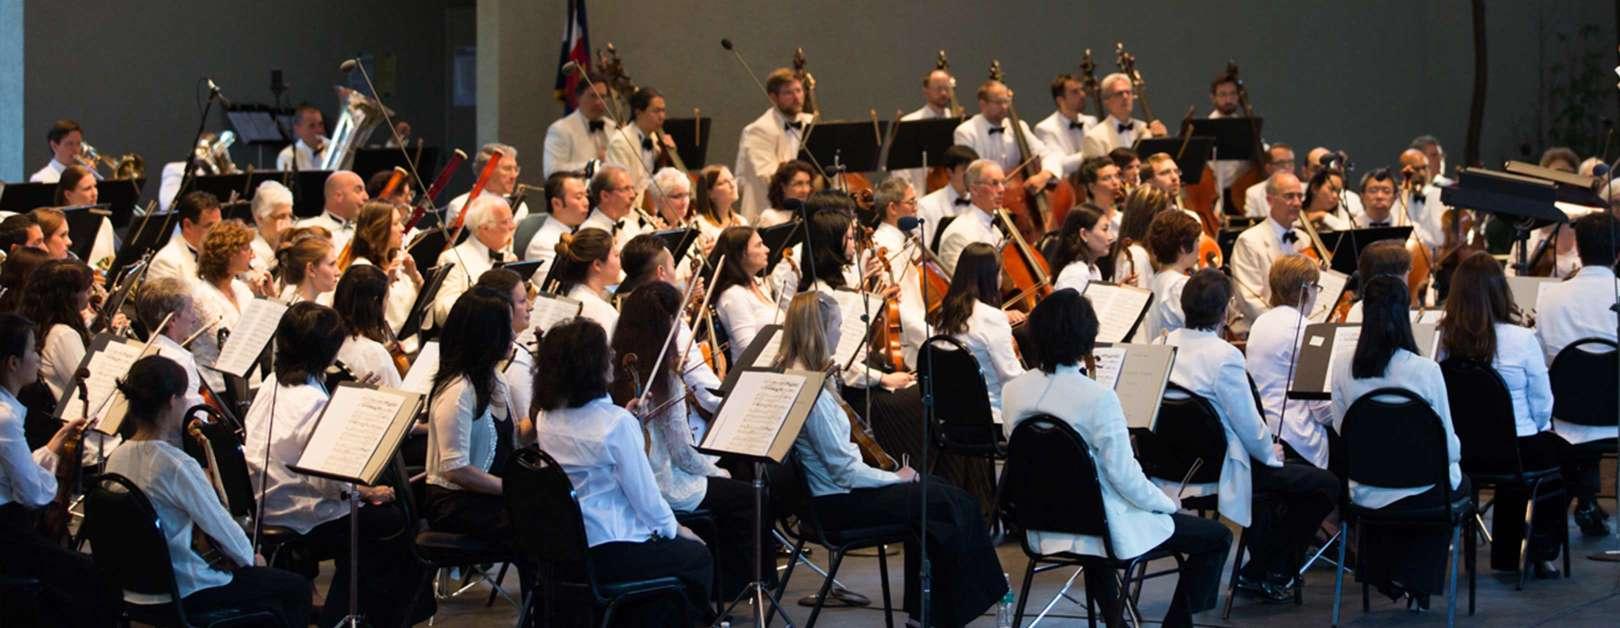 Bravo! Vail: Scheherazade and Ravel